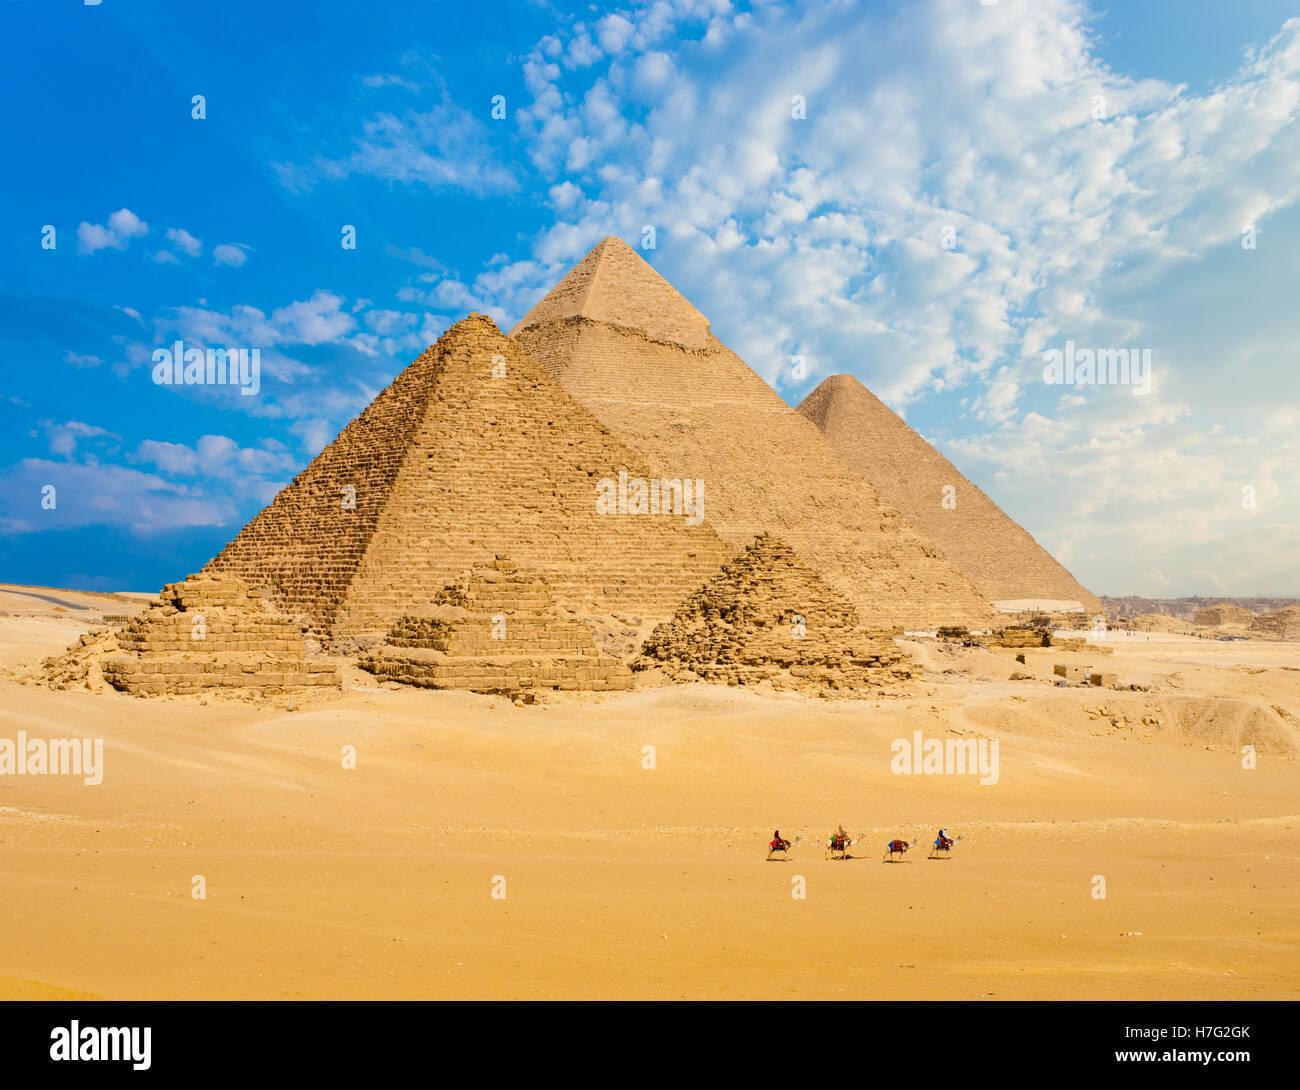 Todas las pirámides egipcias desde la distancia con la fila de camellos caminando en primer plano en Giza, Imagen De Stock